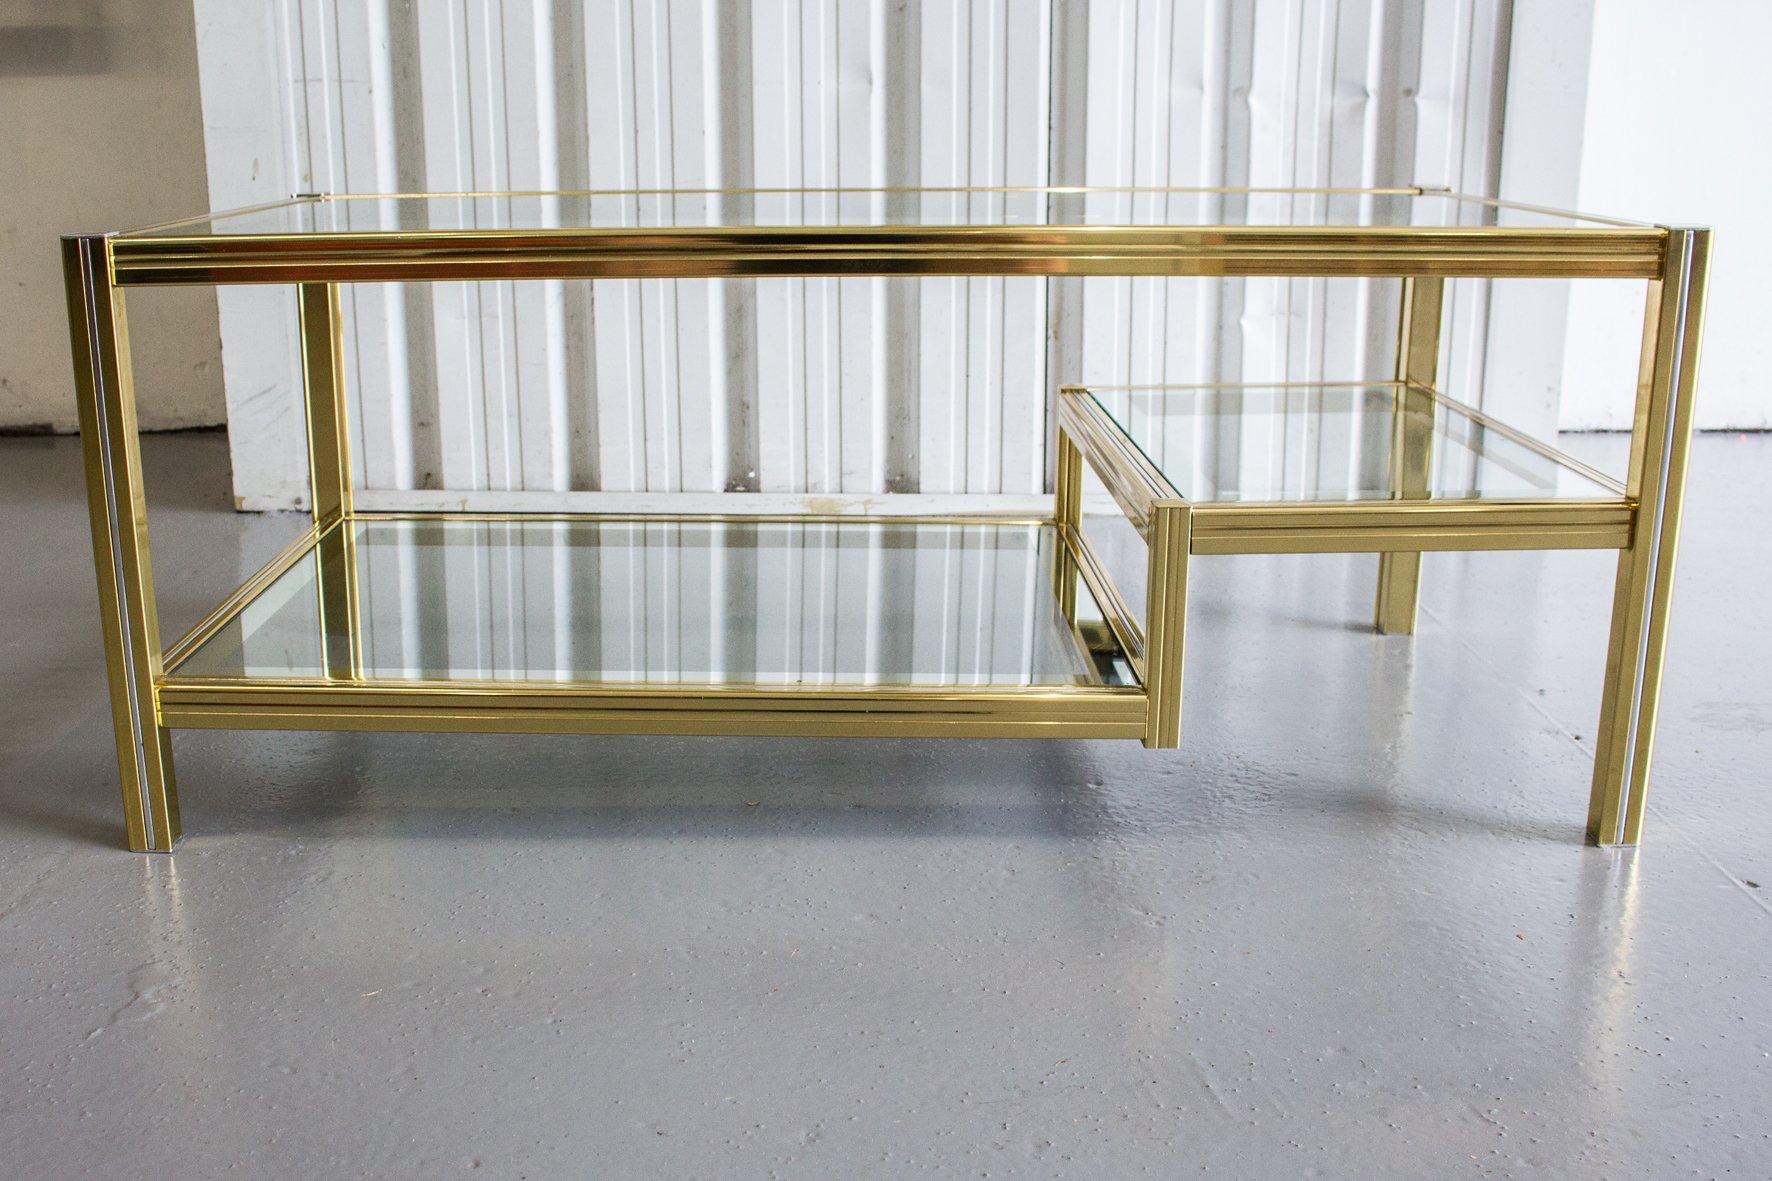 Goldener couchtisch mit zwei glas ebenen 1970er bei for Couchtisch zwei ebenen